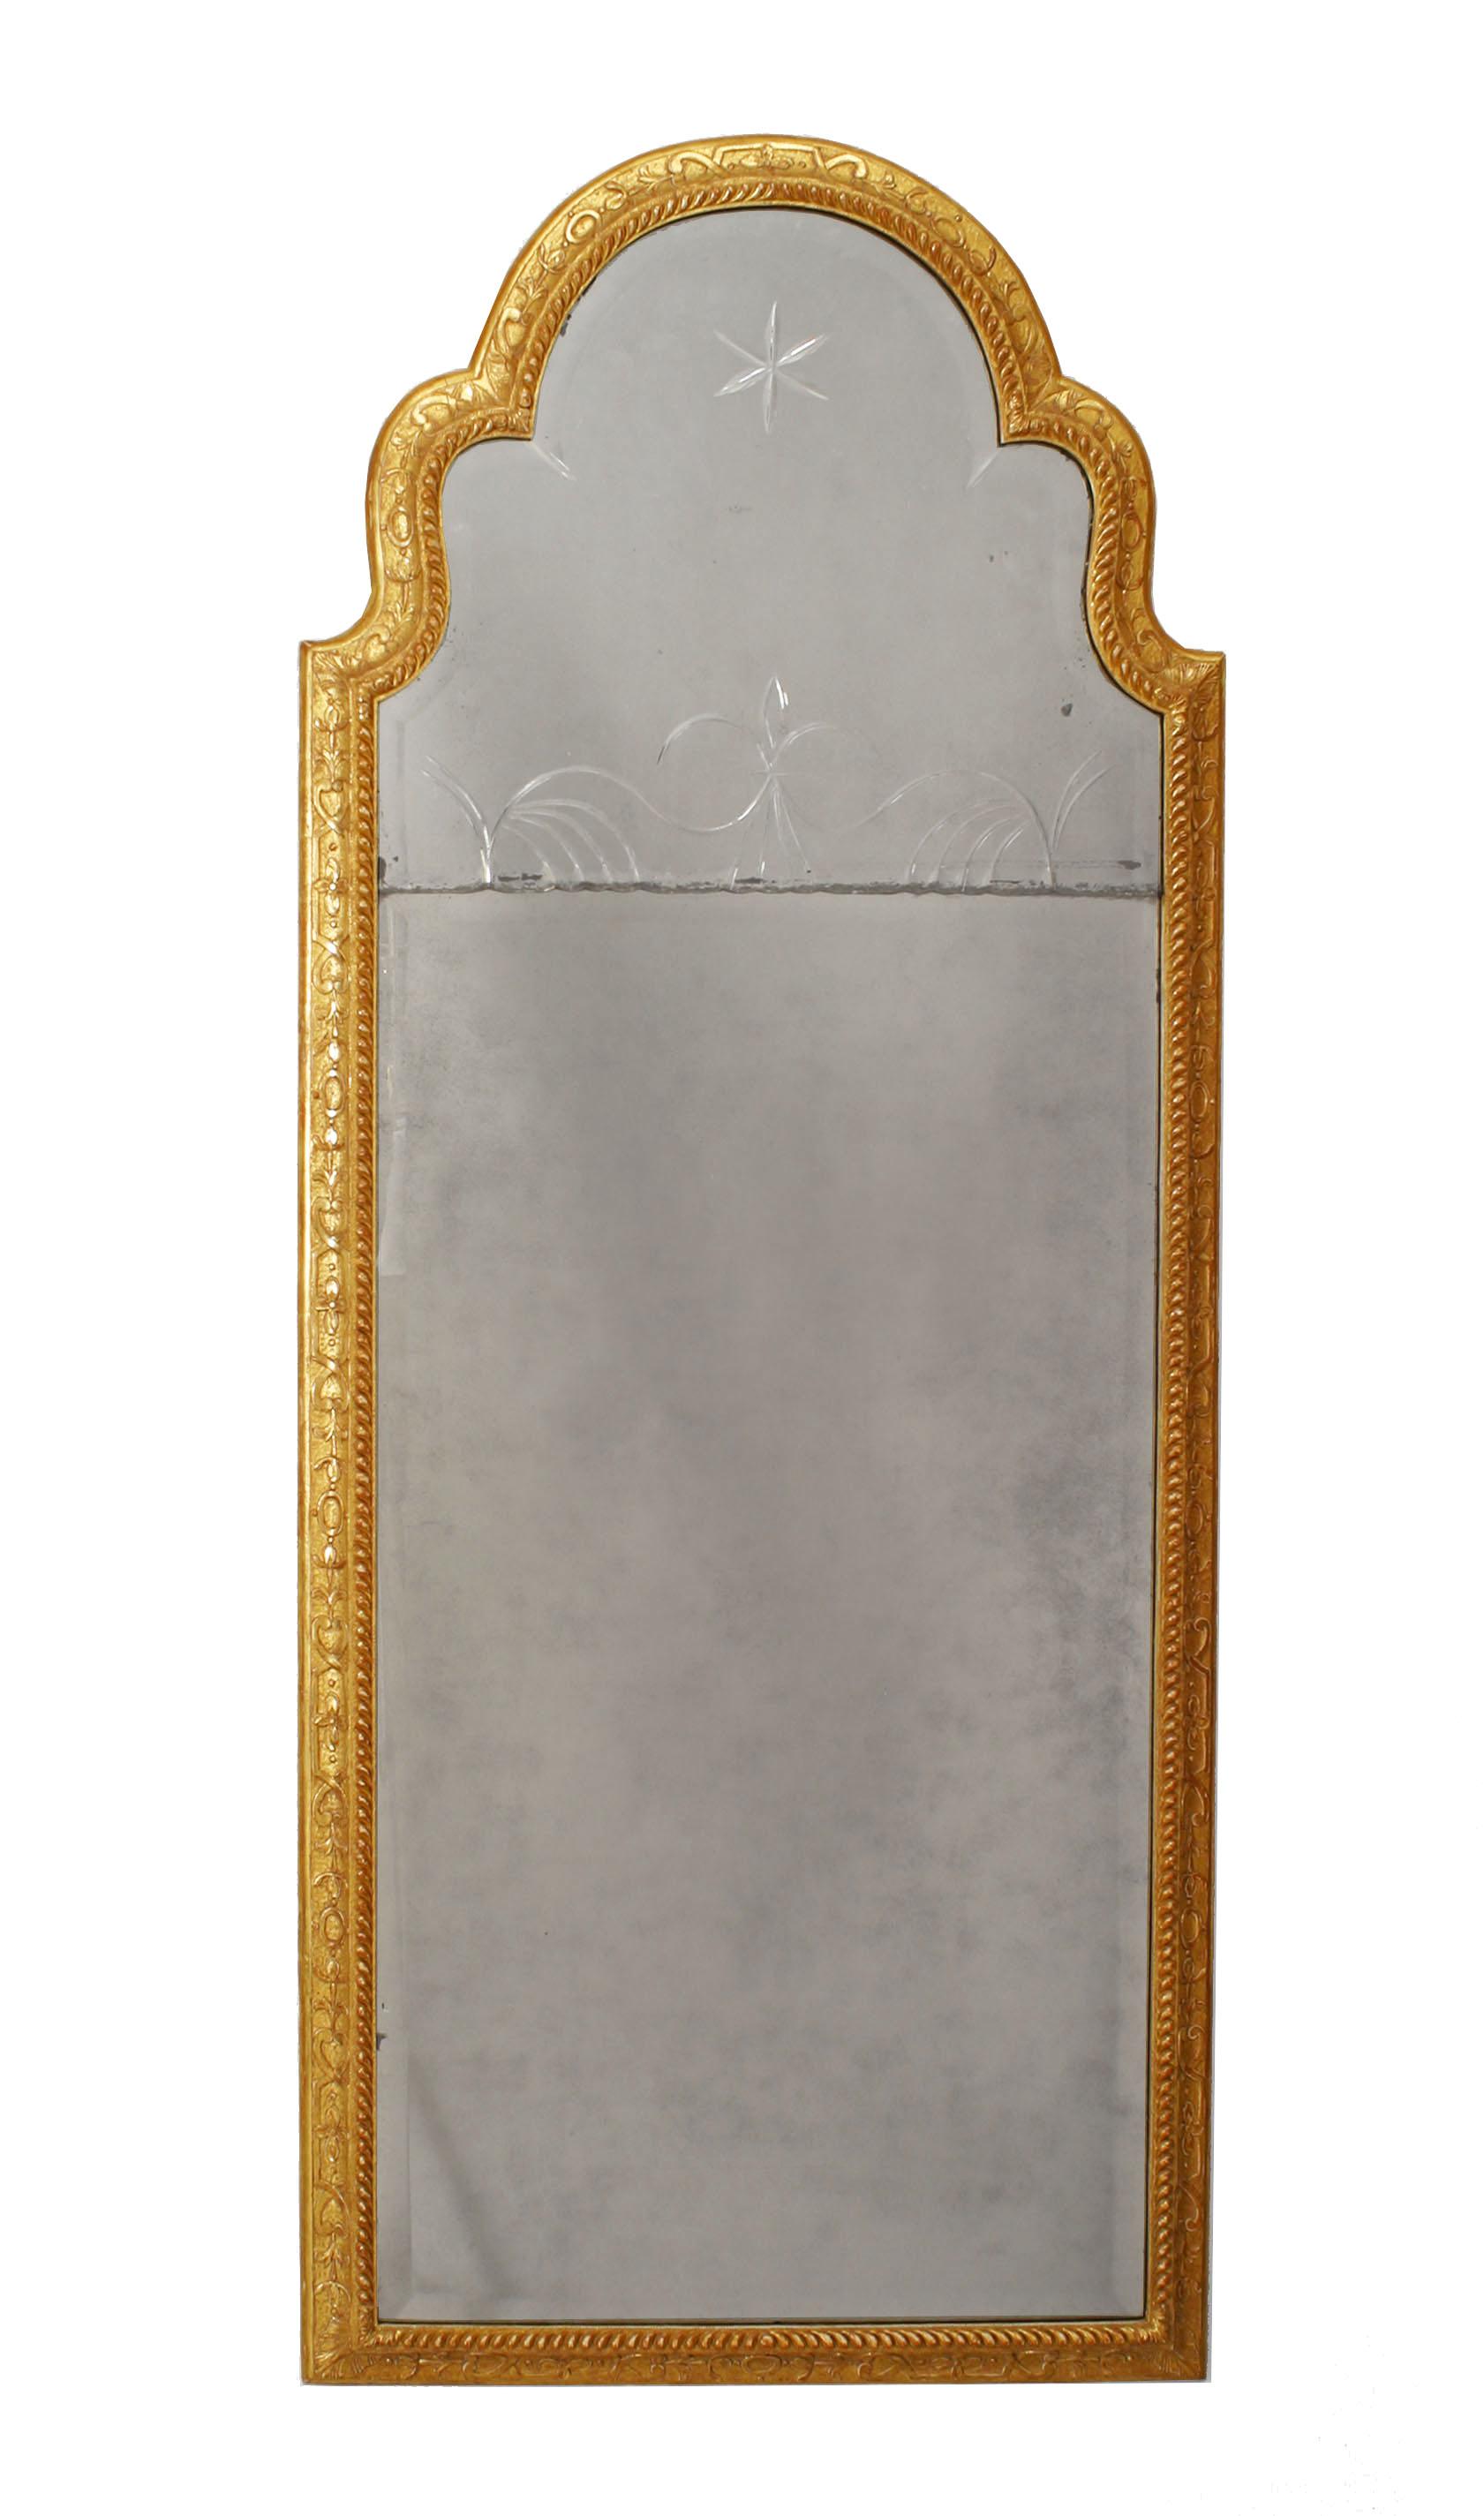 Beau English Queen Anne Gilt Wall Mirror